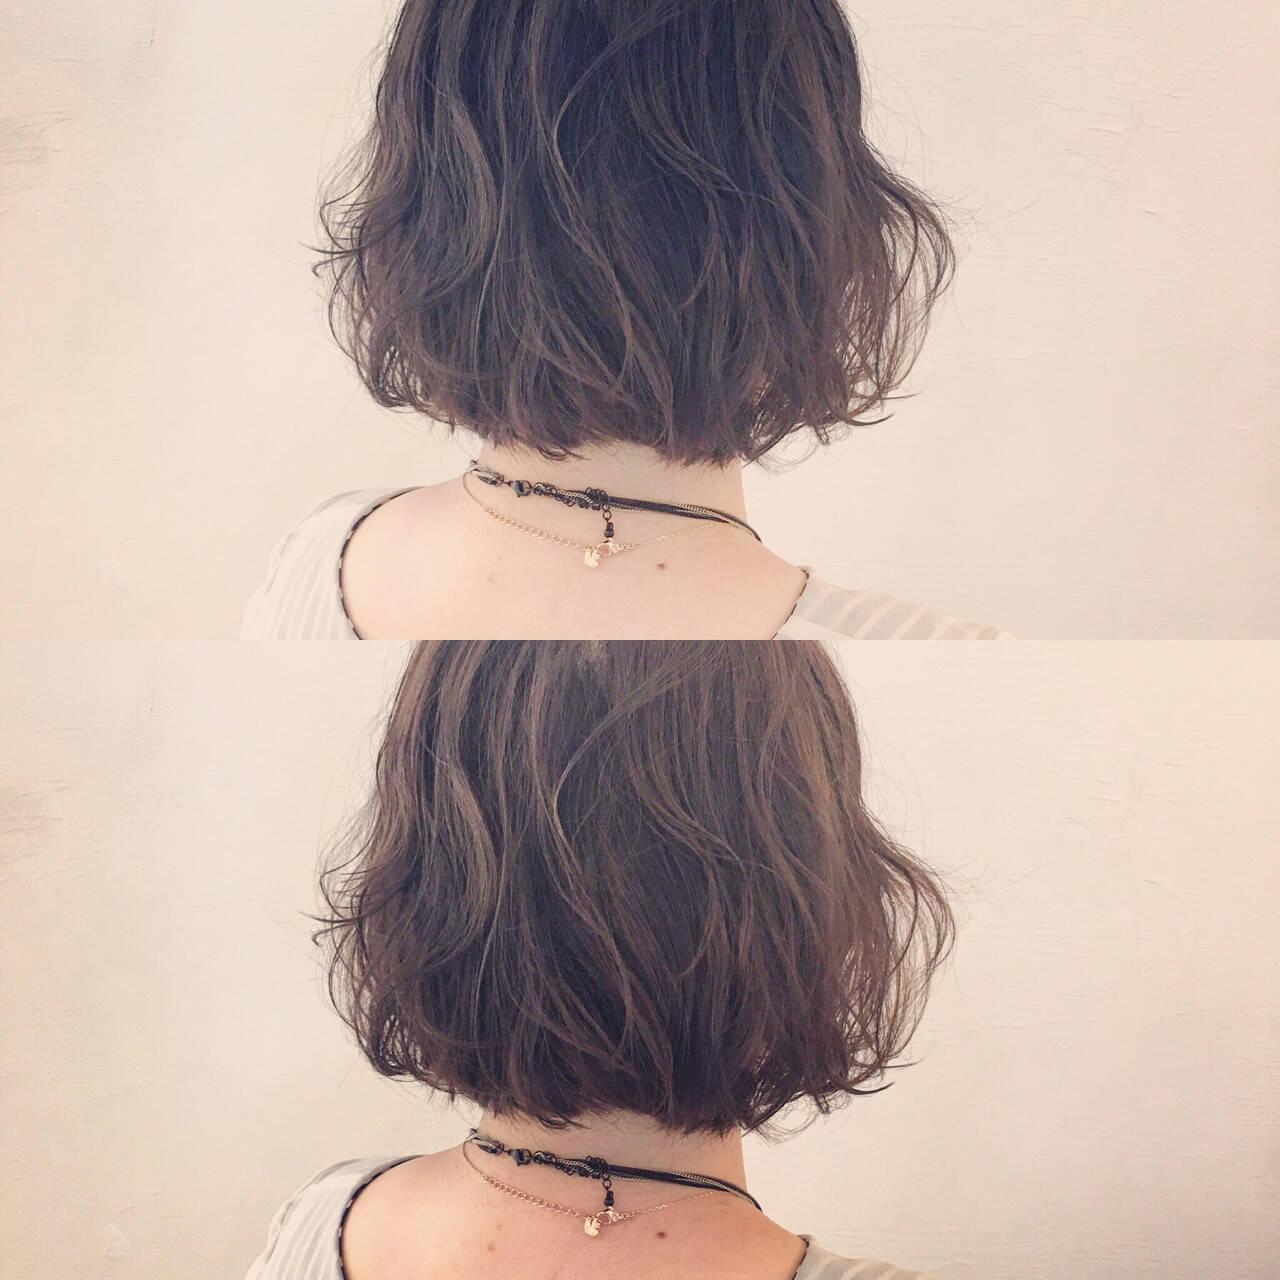 ゆるふわ ボブ パーマ ラフヘアスタイルや髪型の写真・画像